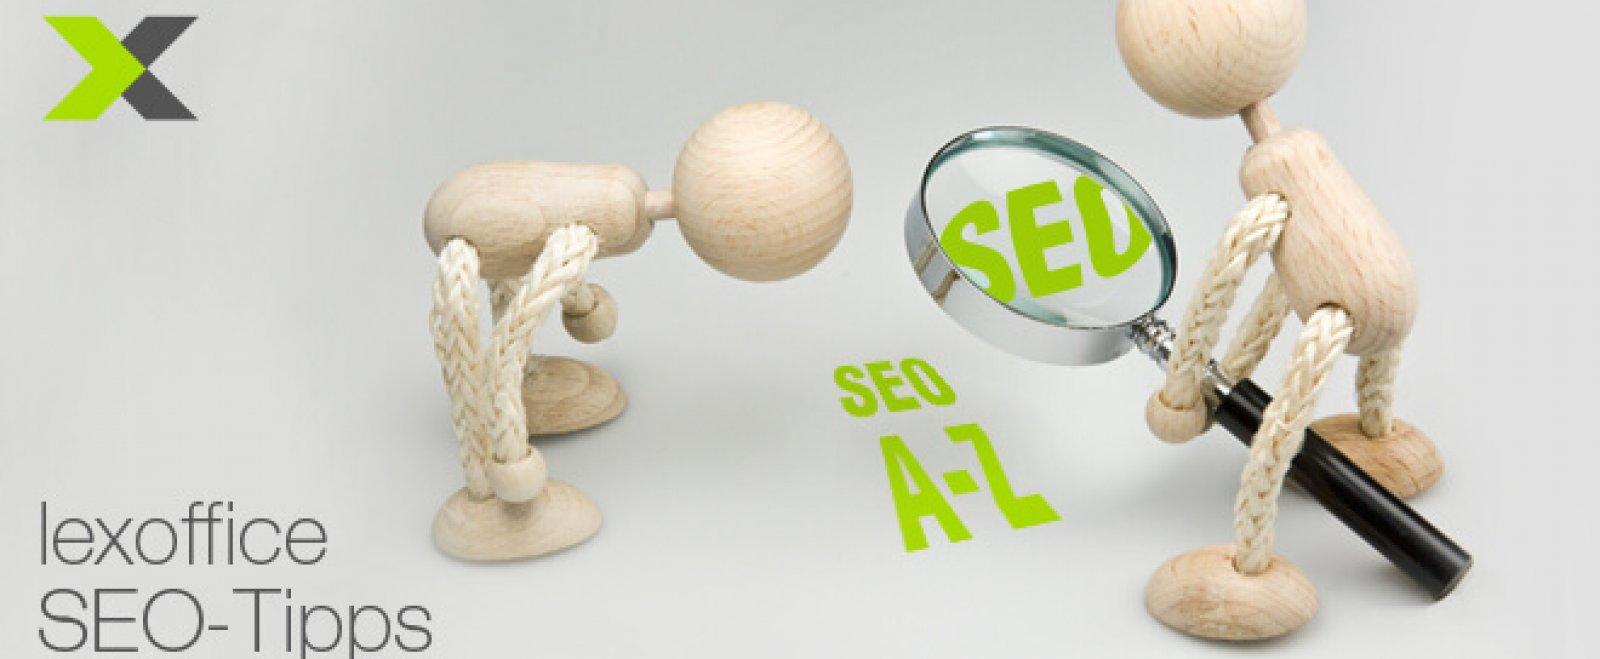 Definitionen SEO für Einsteiger von A bis Z